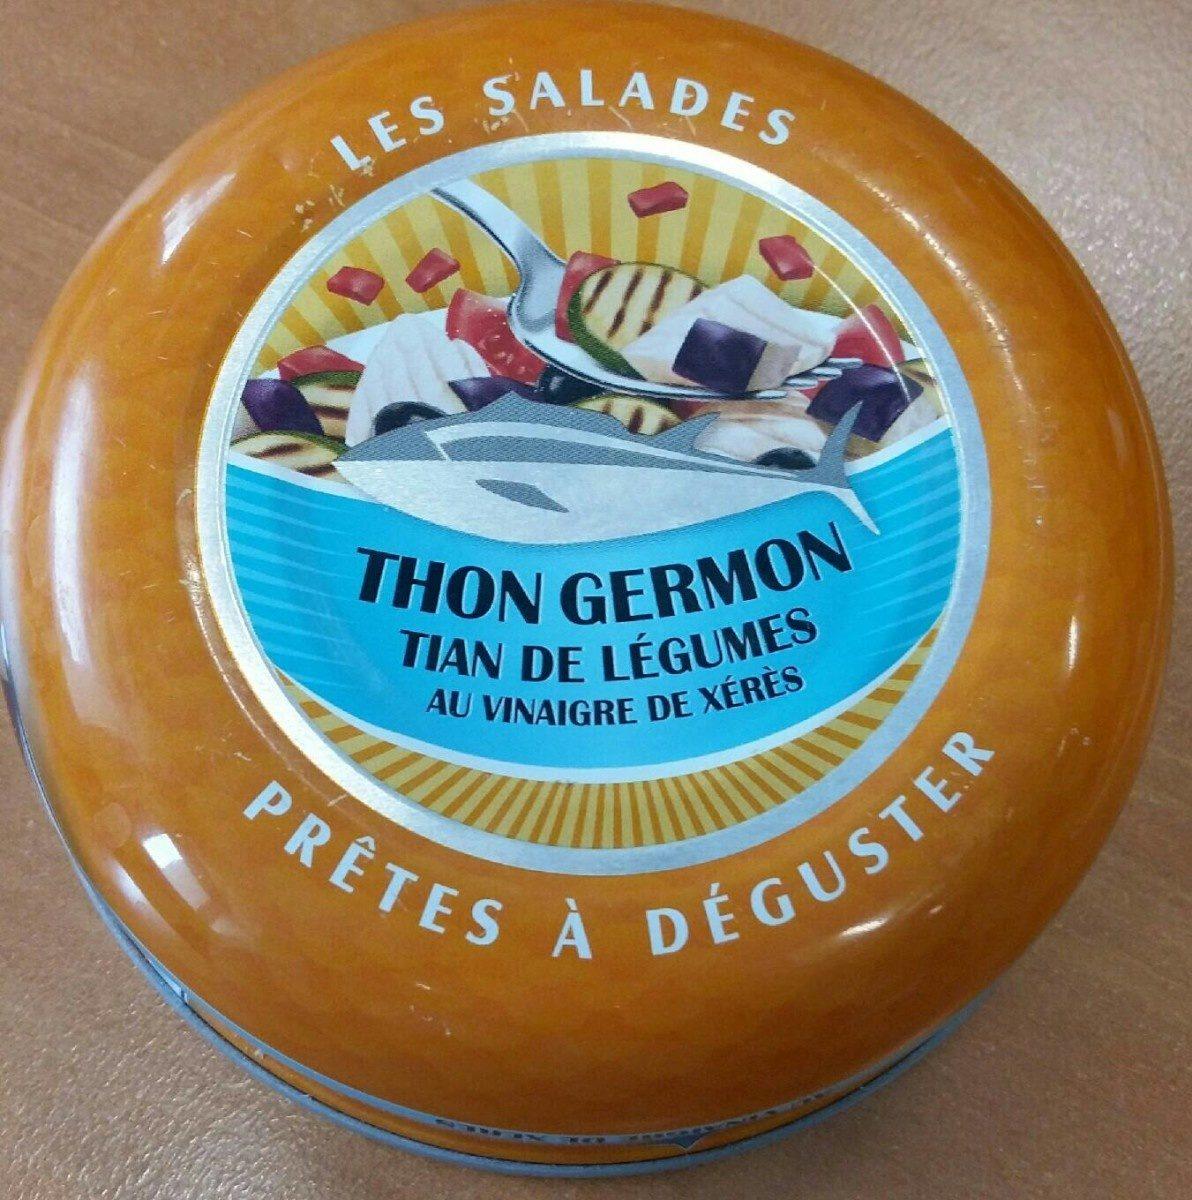 Salade de Thon germon, tian de légumes au vinaigre de Xérès - Product